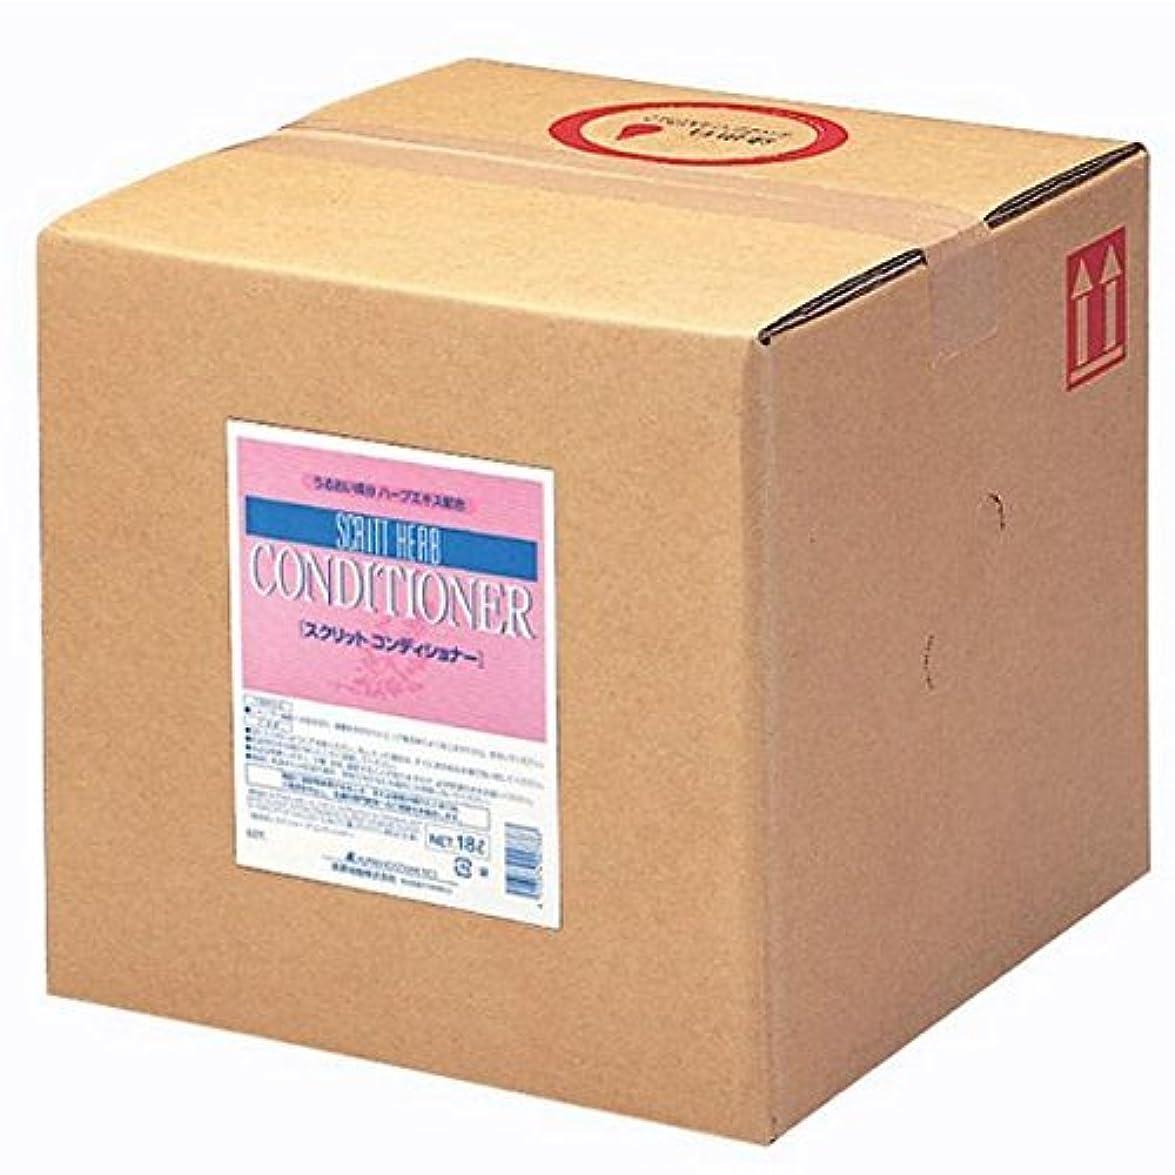 サンダル一般的に言えば評論家熊野油脂 スクリット コンディショナー 詰替用 18L 4231